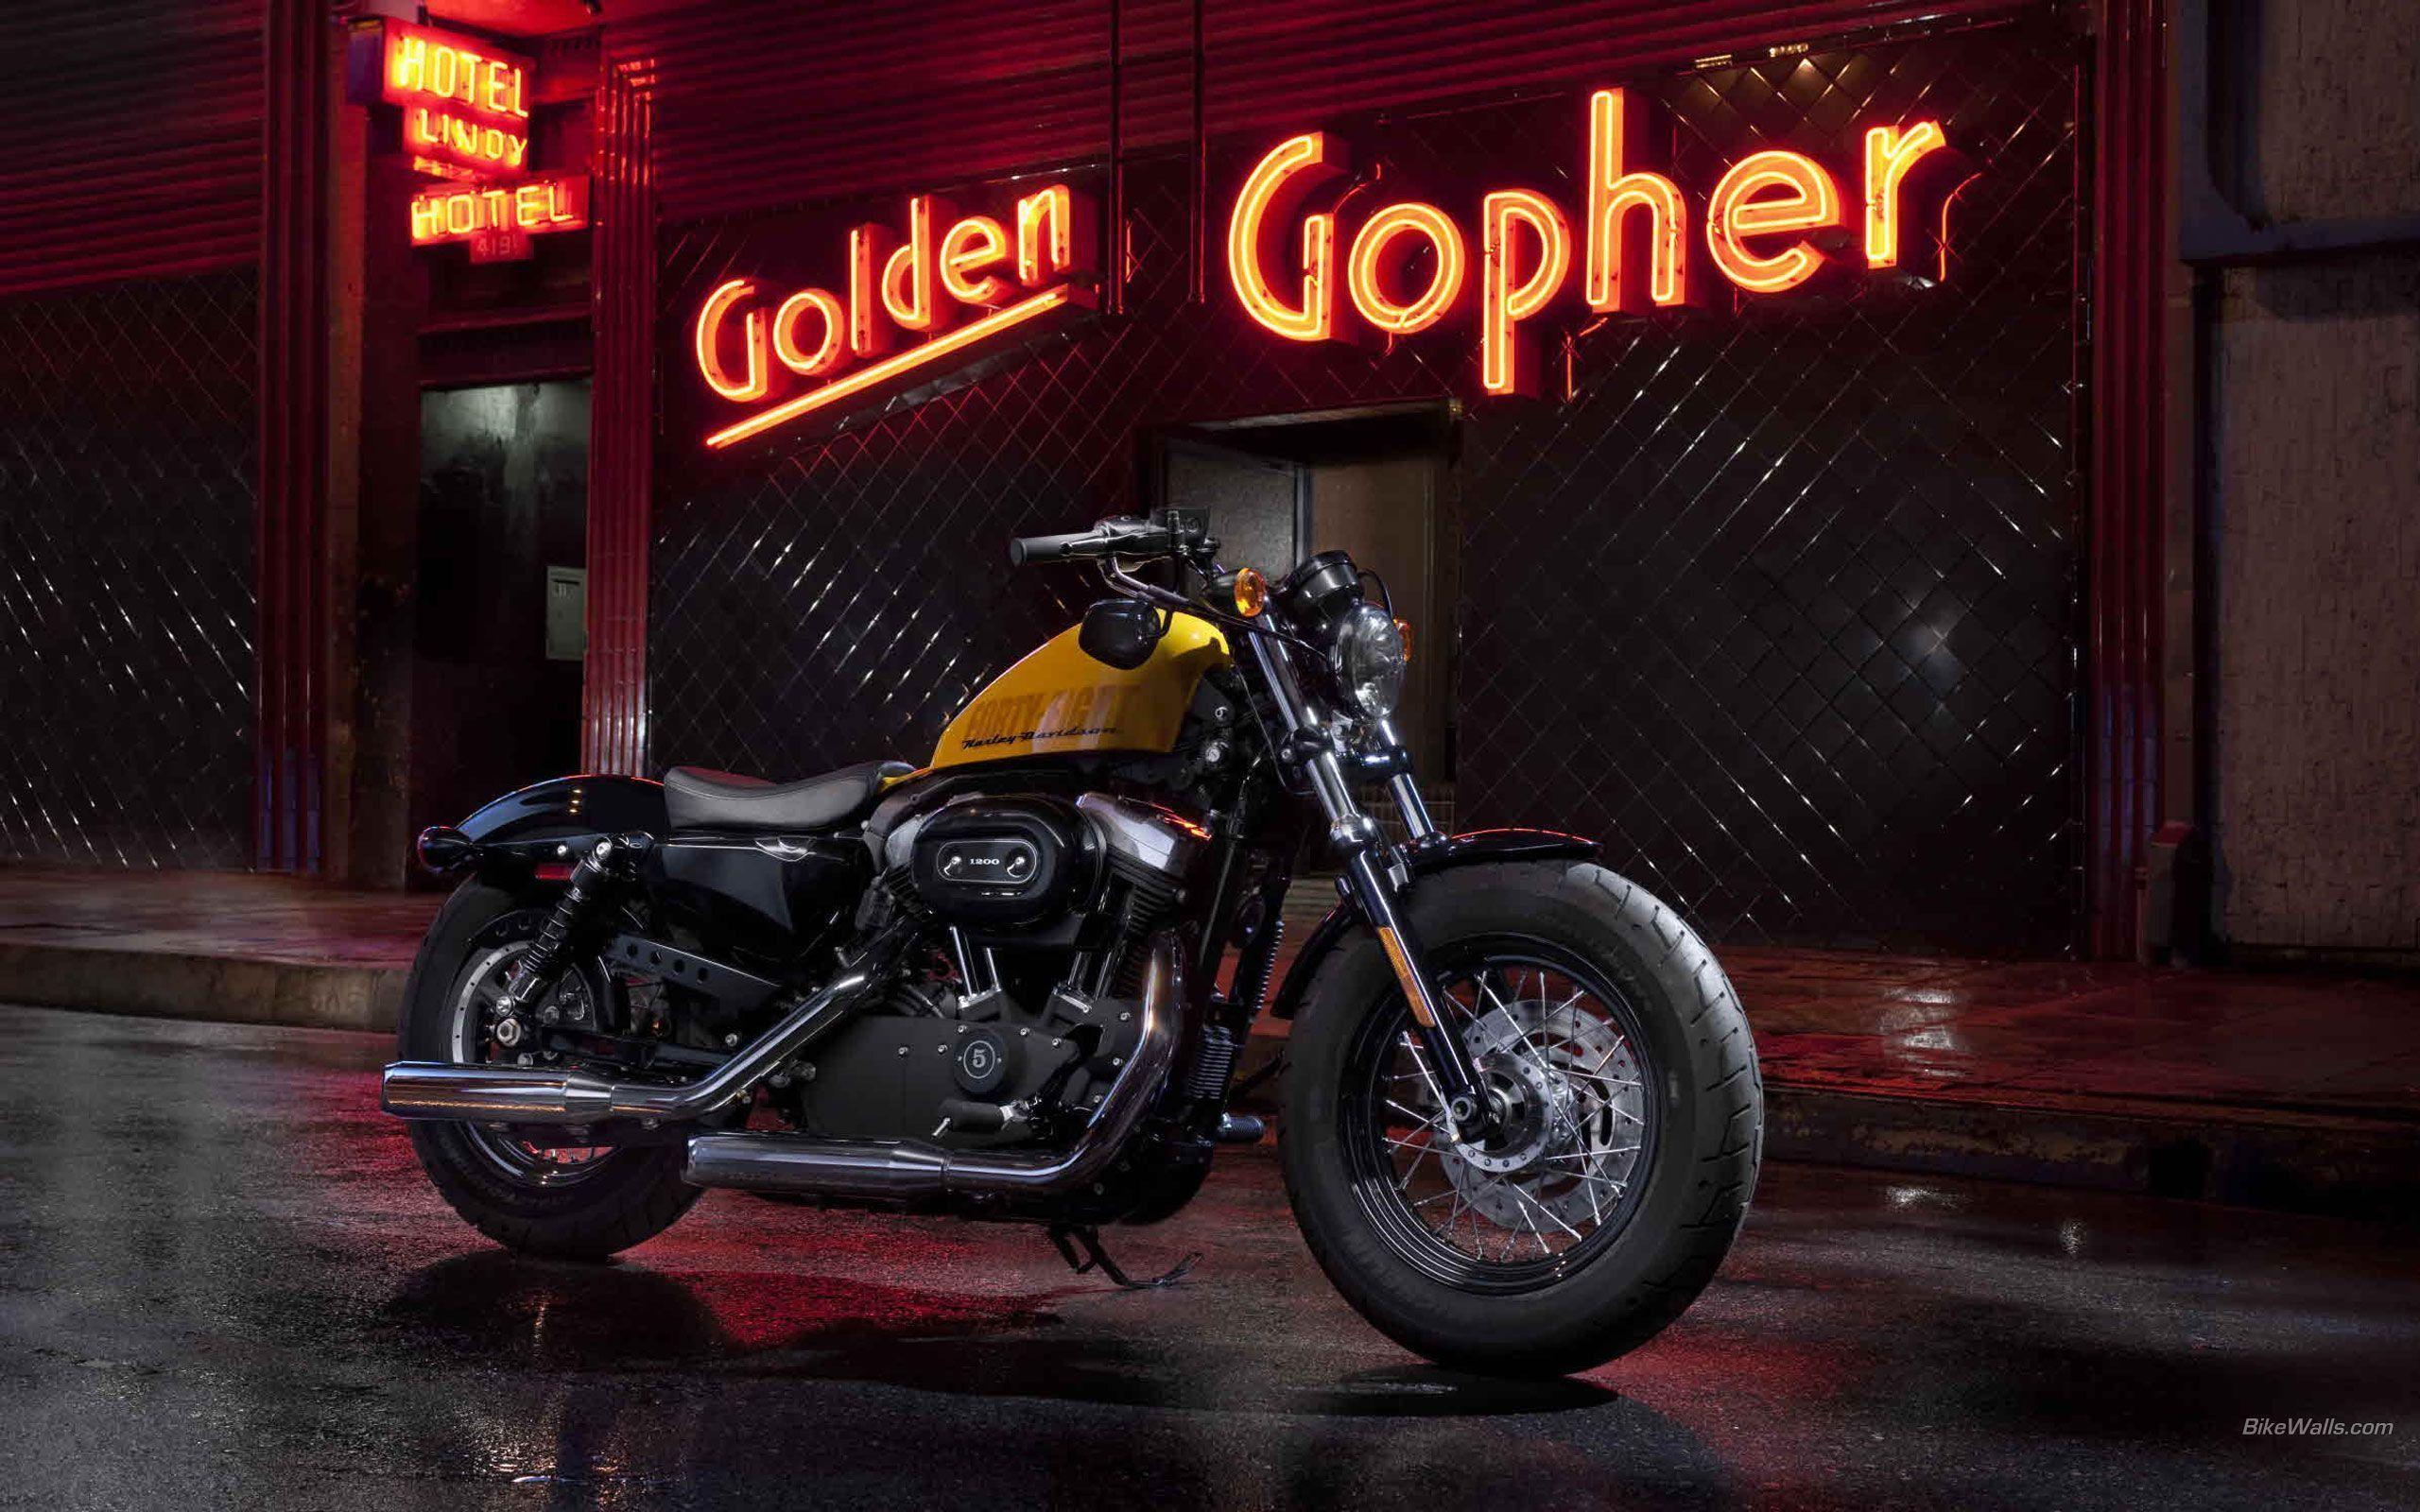 Harley Davidson Sportster 2560 X 1600 362 Kb Jpeg | Top Harley .